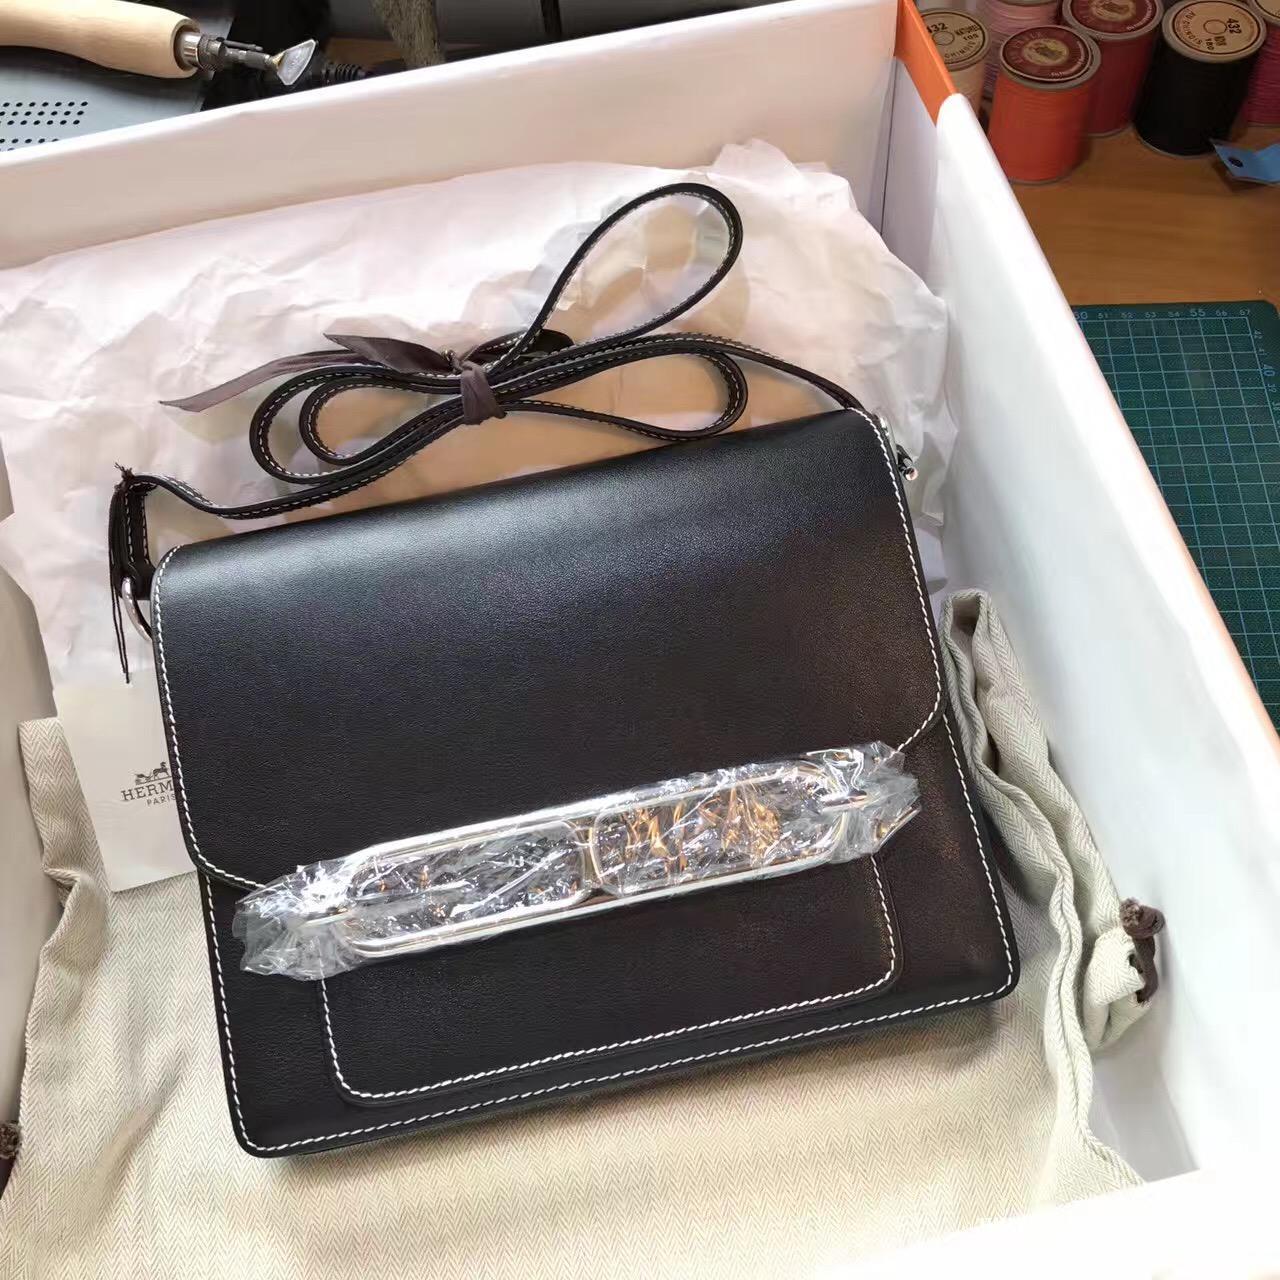 爱马仕最具线条感的包袋Roulis尺寸价格目录